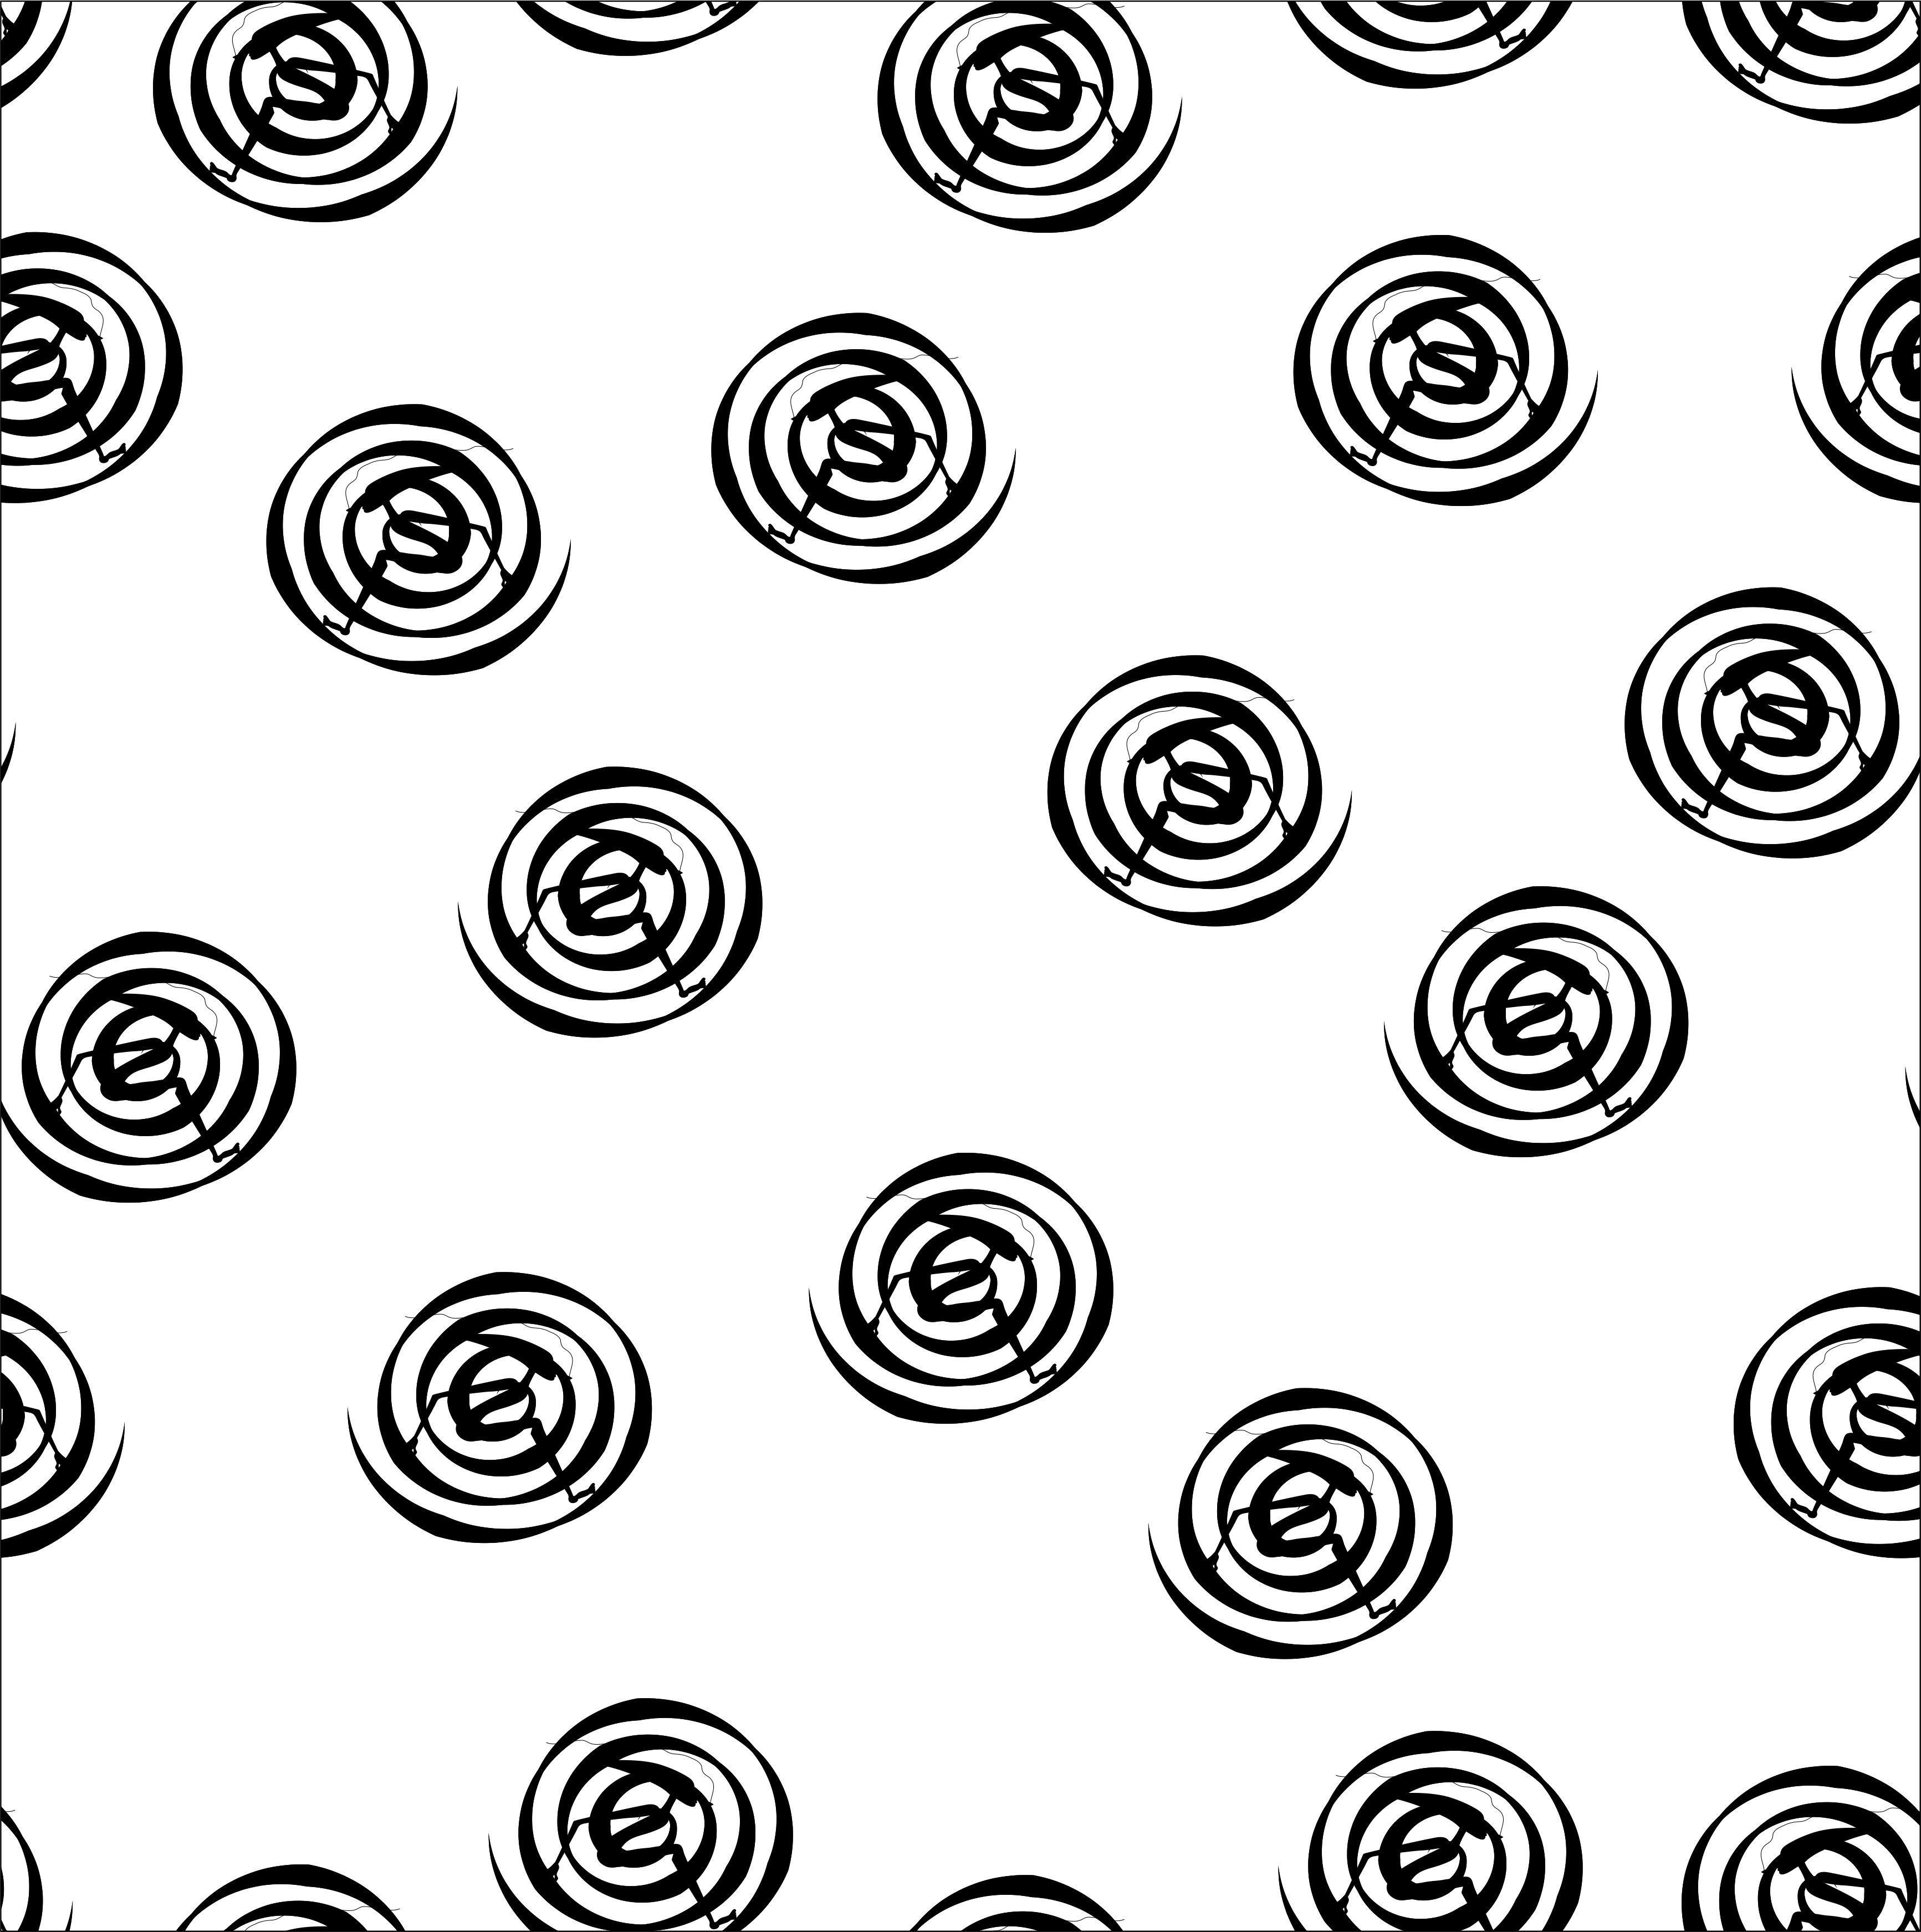 estampa textil com inspiração brasileira